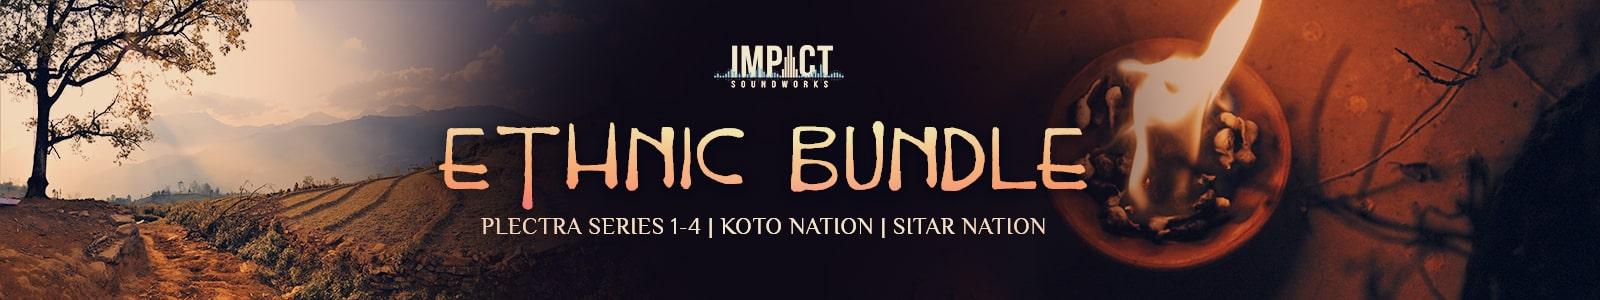 Ethnic Instruments Bundle by Impact Soundworks - Audio Plugin Deals